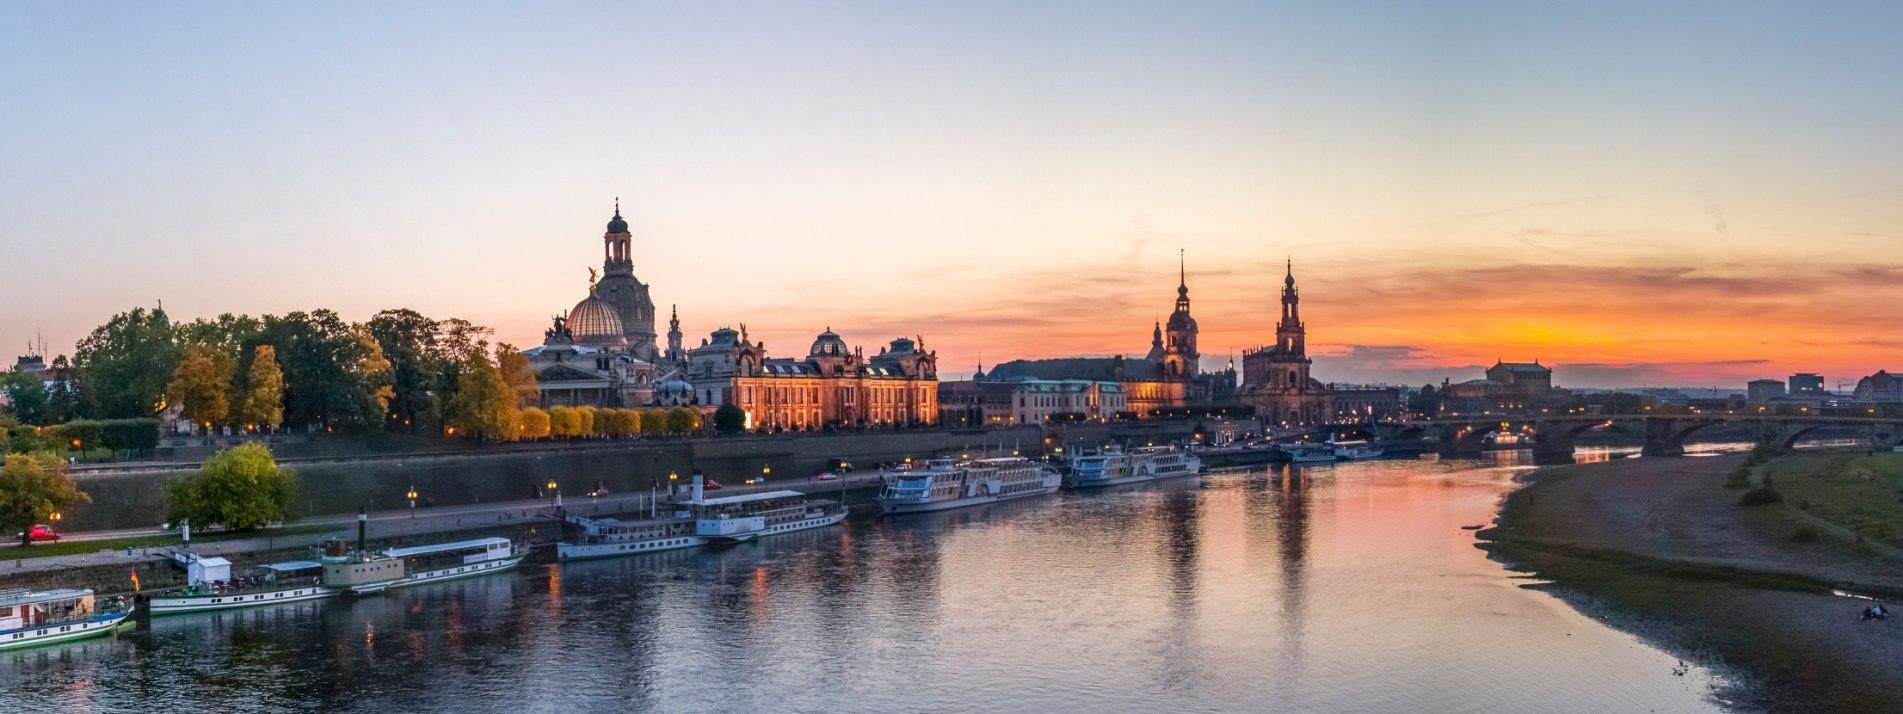 Das Elbufer in Dresden in der Abendsonne - BAHNHIT.DE, © getty; Foto: Westend61